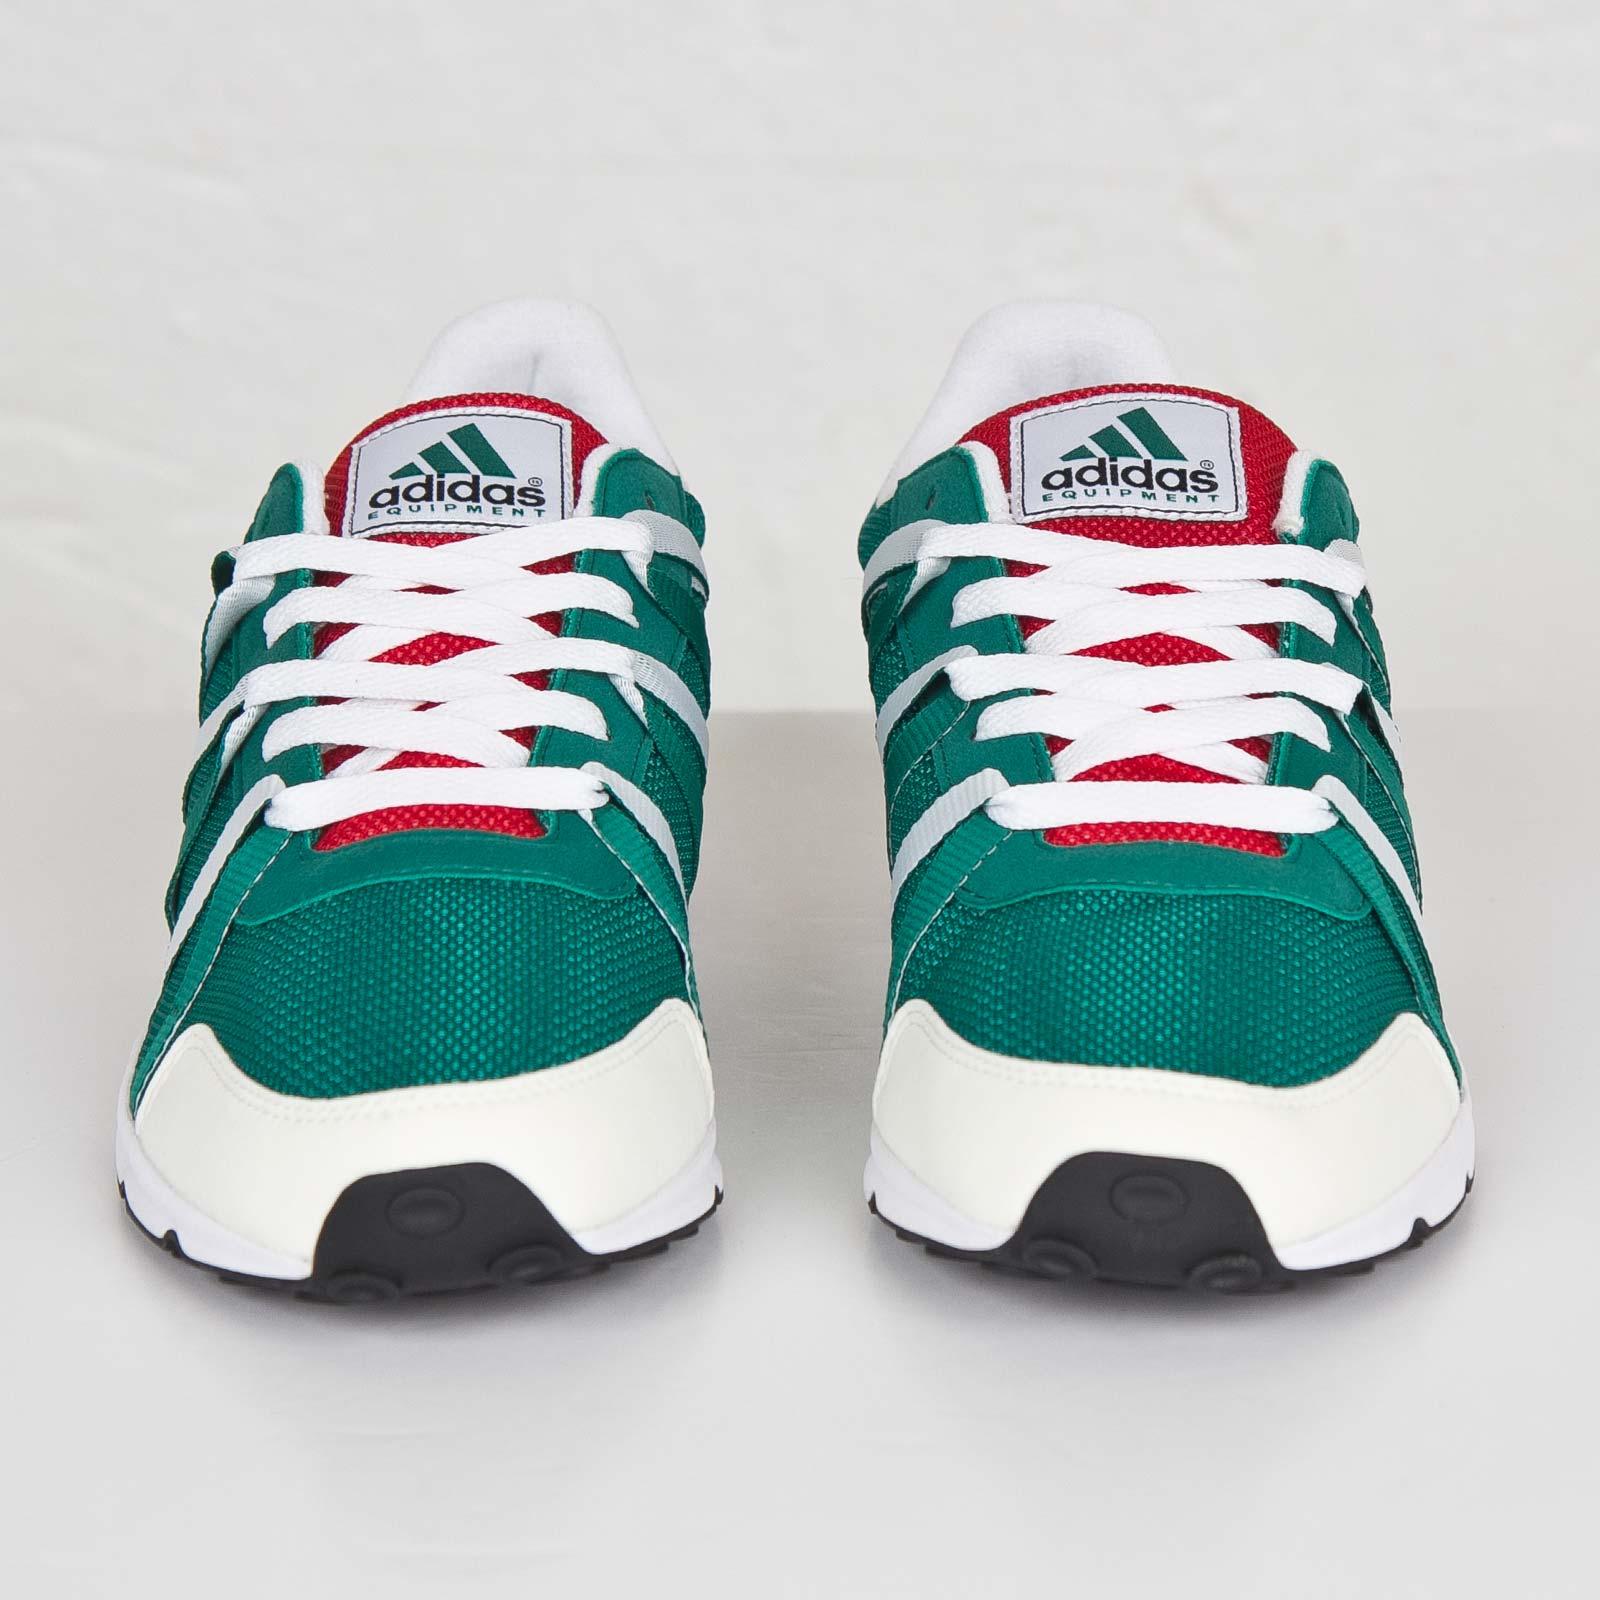 reputable site 2875c 2c782 adidas Equipment Racing 93 - B24766 - Sneakersnstuff   sneakers    streetwear online since 1999